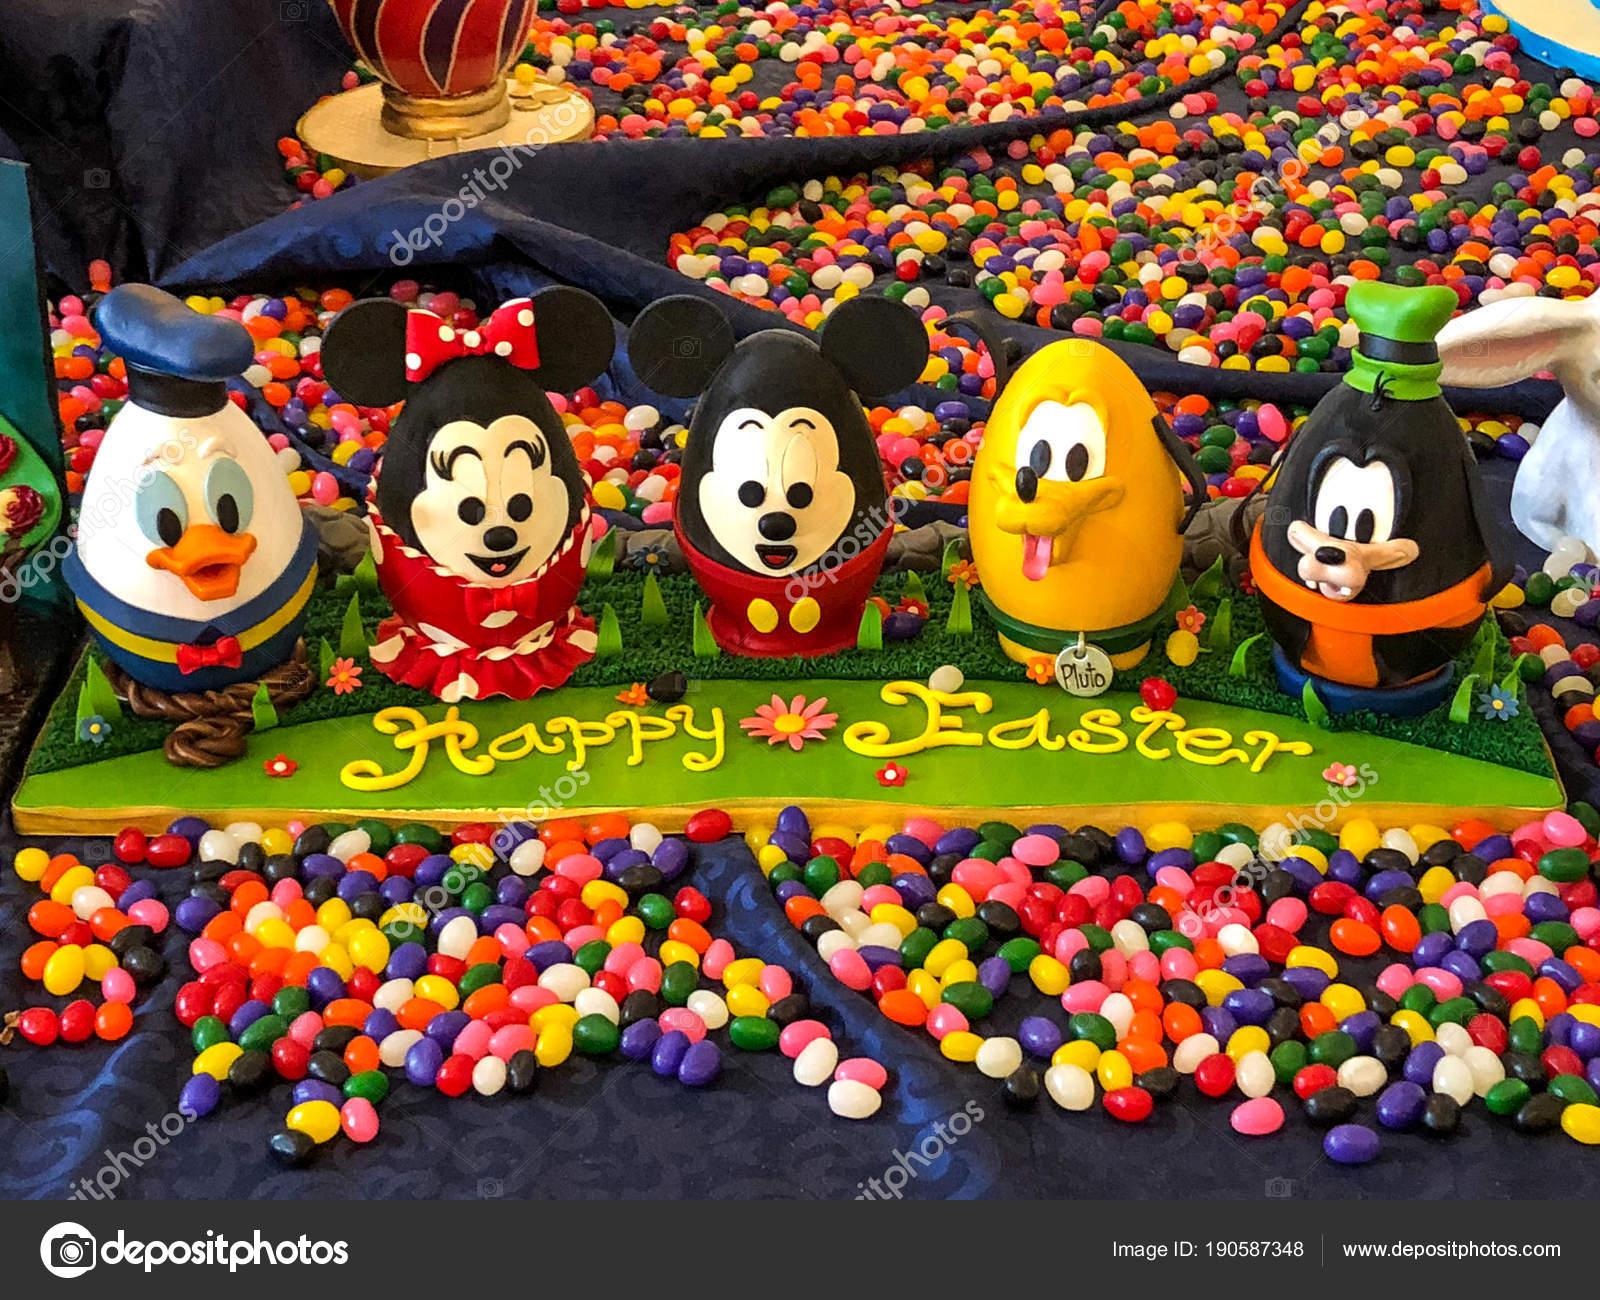 Oeufs De Pâques Au Chocolat De Disney De Orlando, Floride   29 Mars 2018    Disney World Beach Club Resort U2014 Image De ...